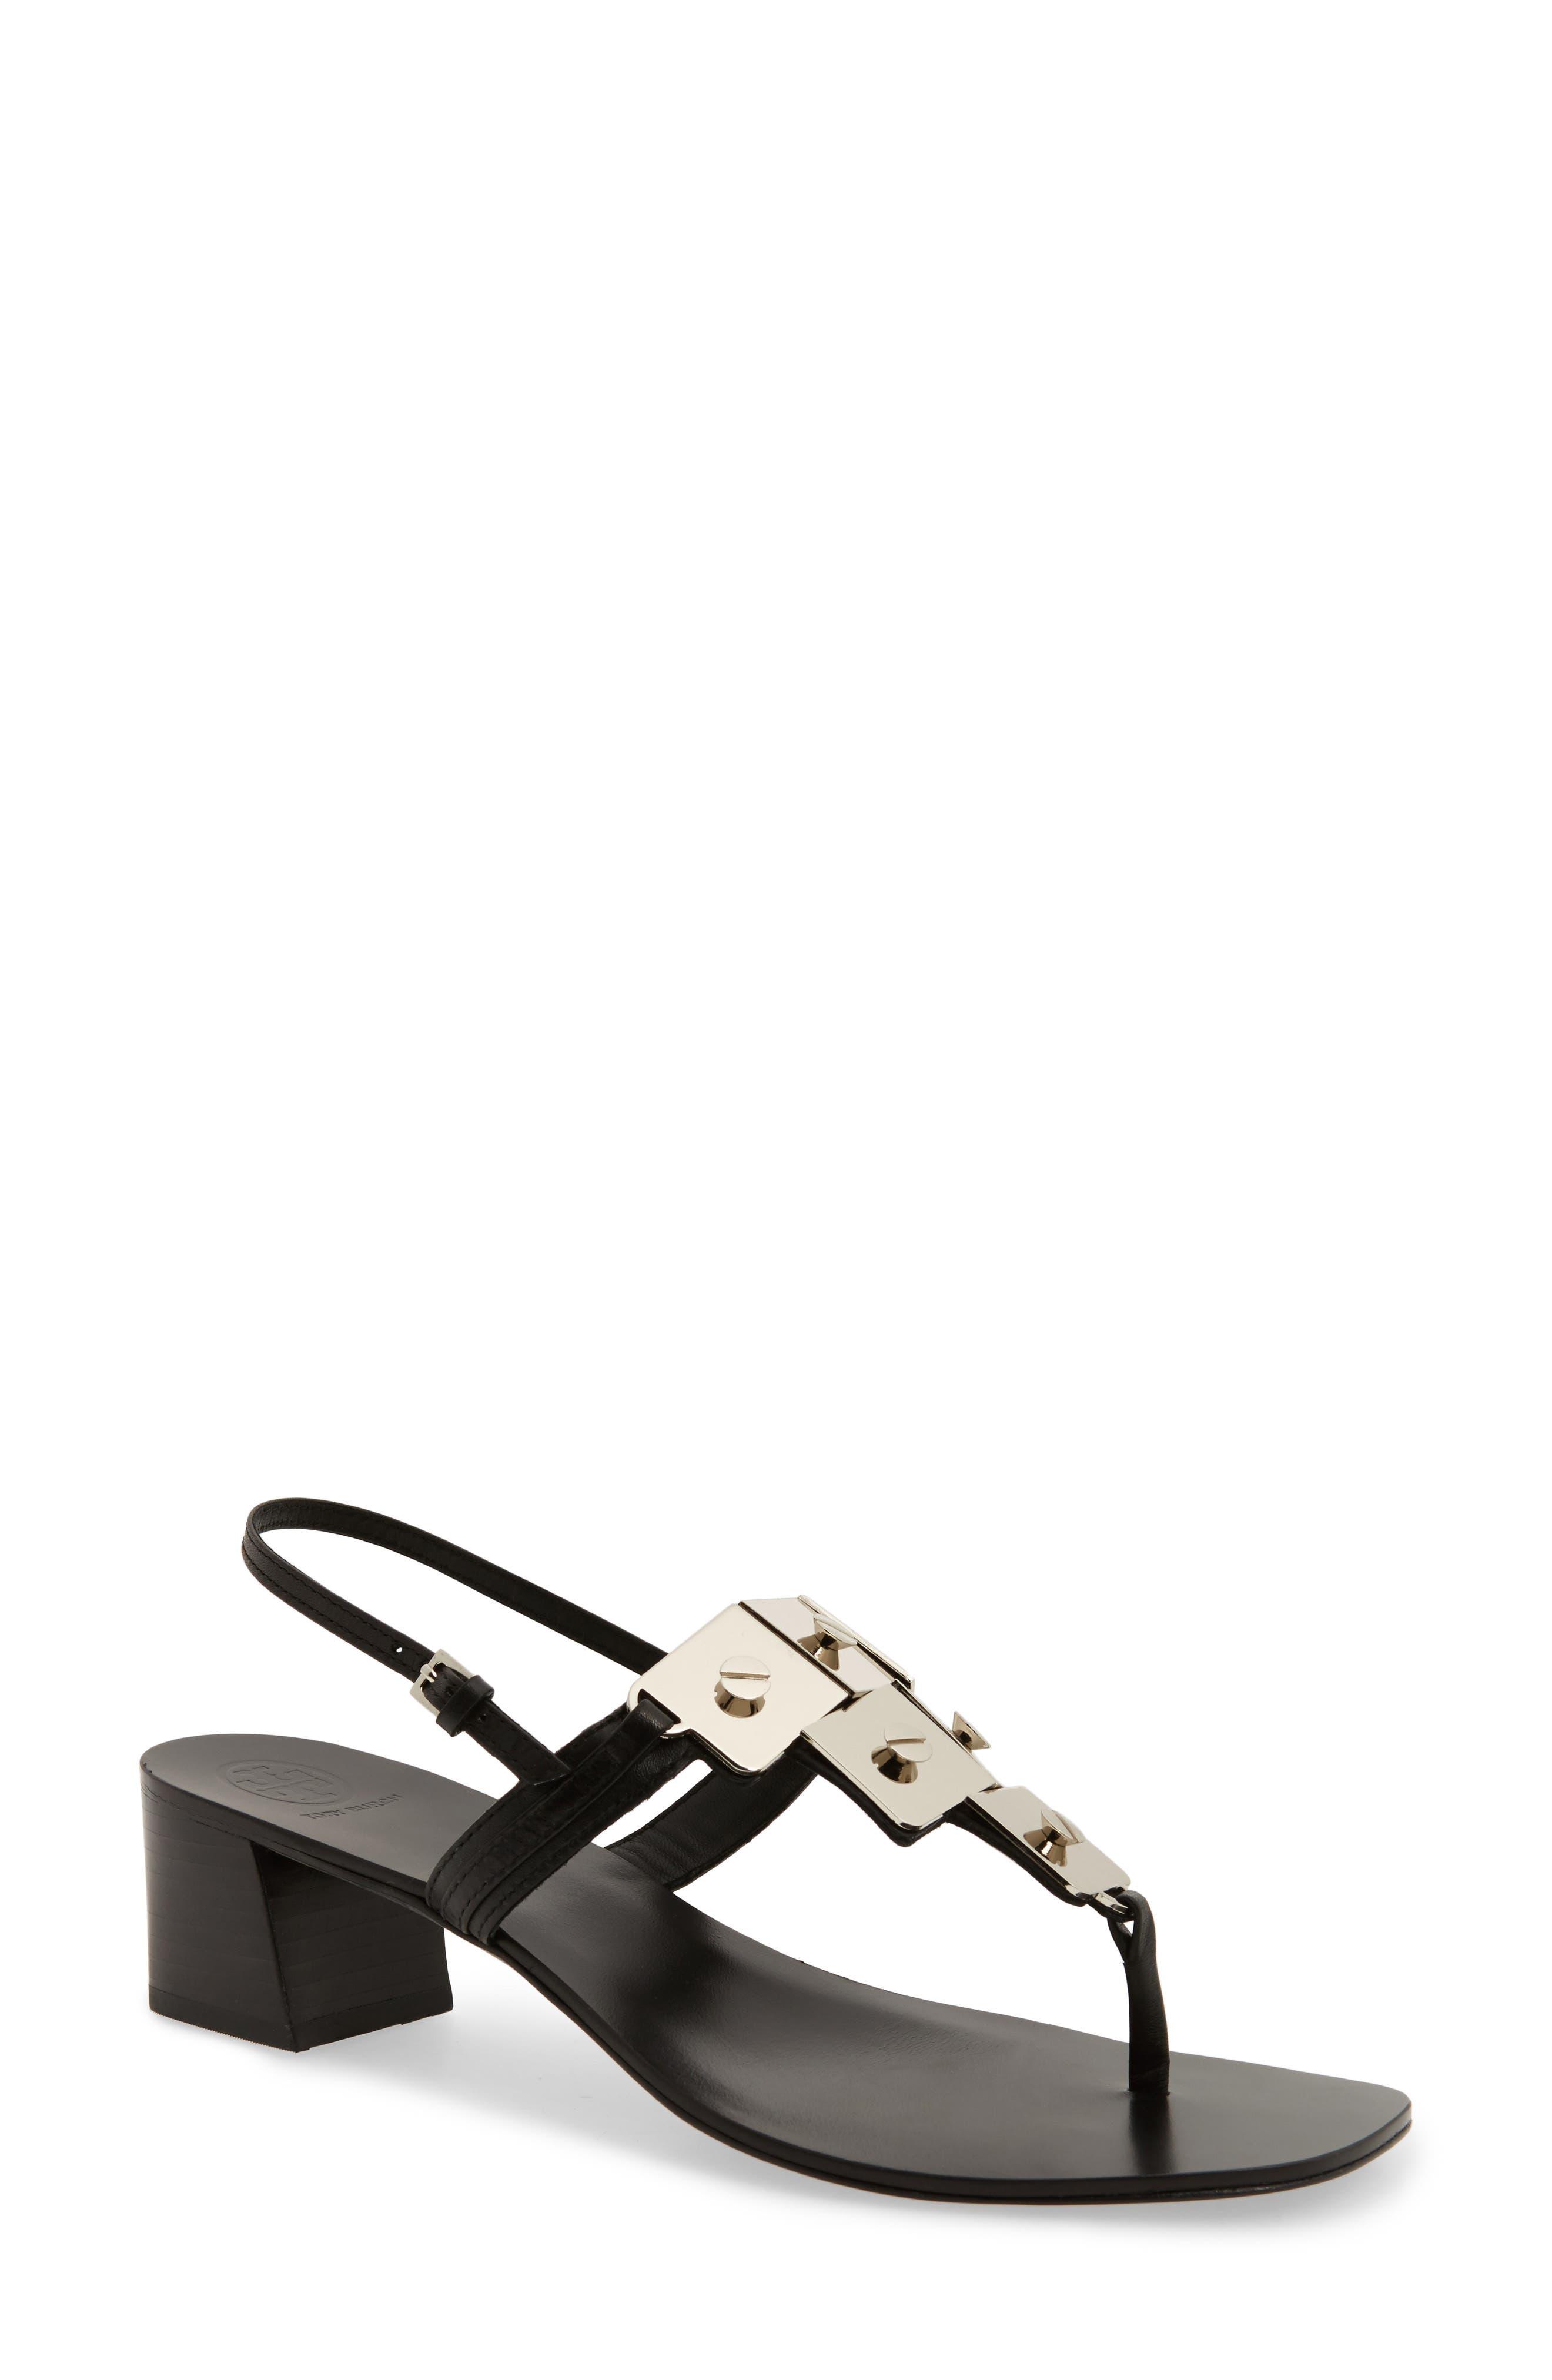 Thompson Sandal,                             Main thumbnail 1, color,                             Perfect Black